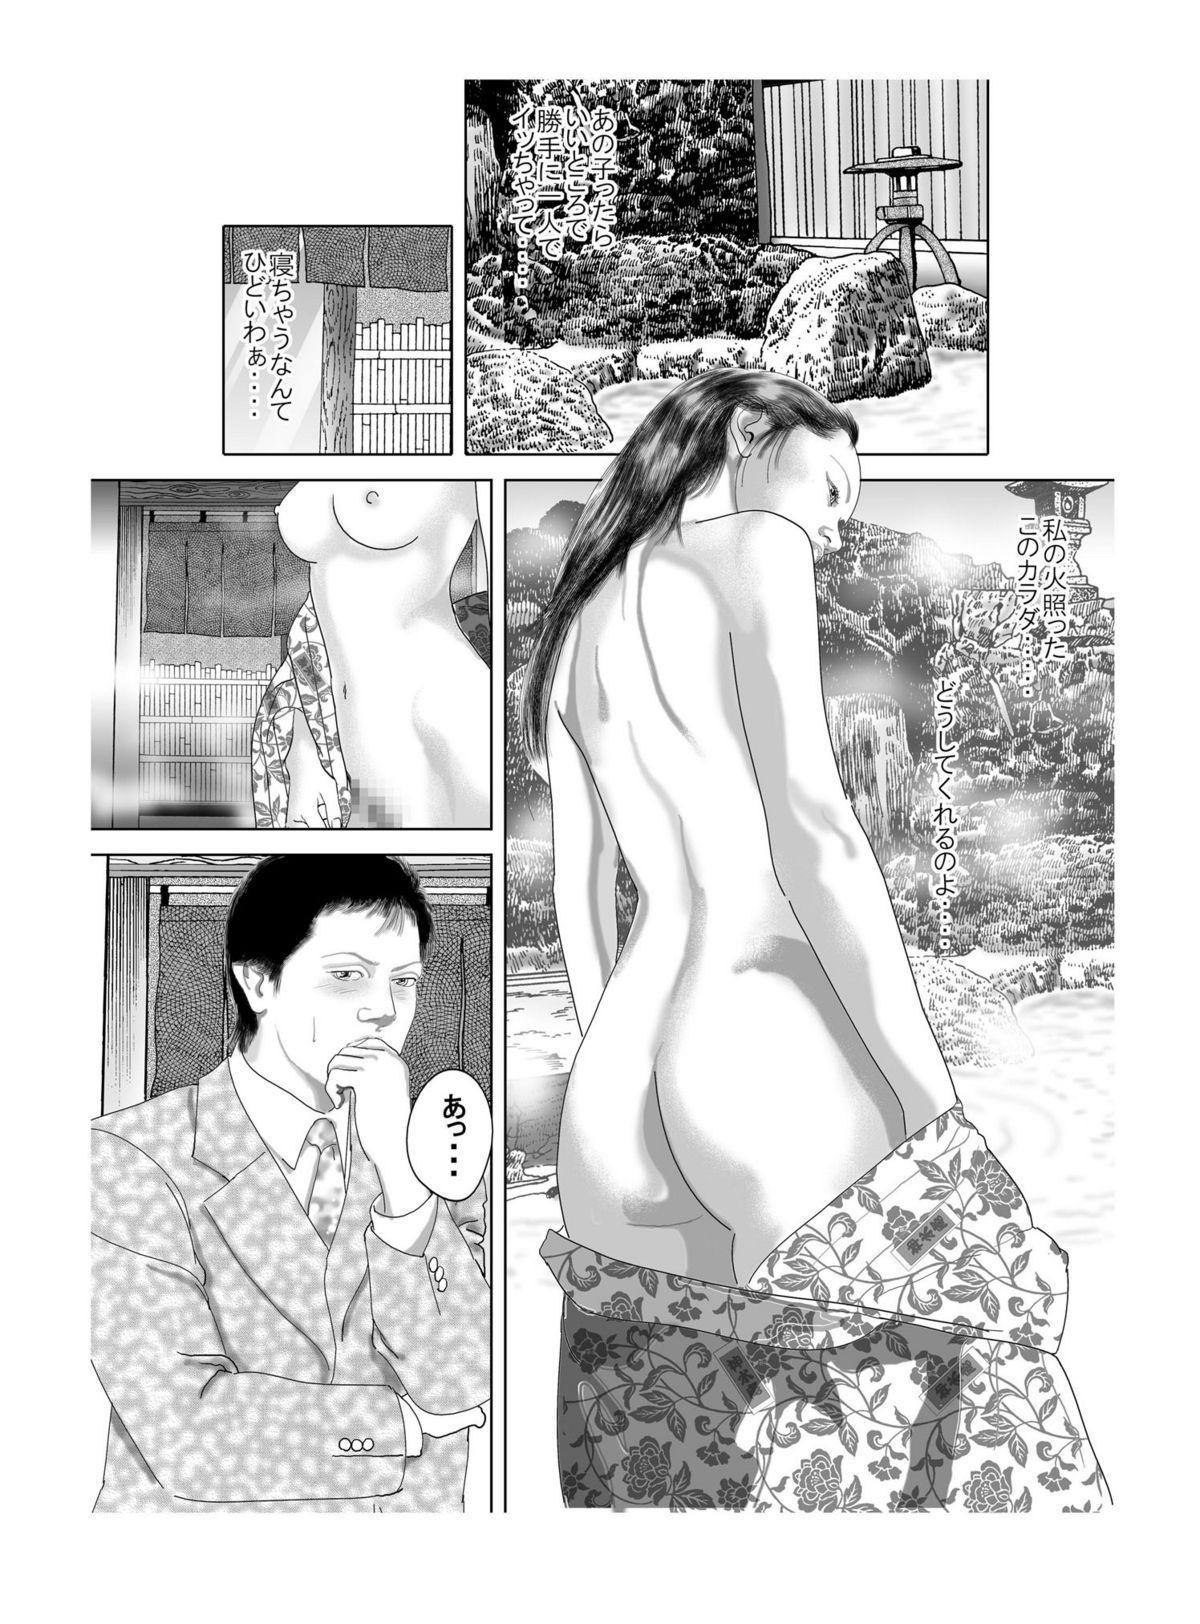 ★美人妻のむっちりエロケツ全国温泉巡り★「殿方をスッキリ昇天、癒してア・ゲ・ル♪」 9